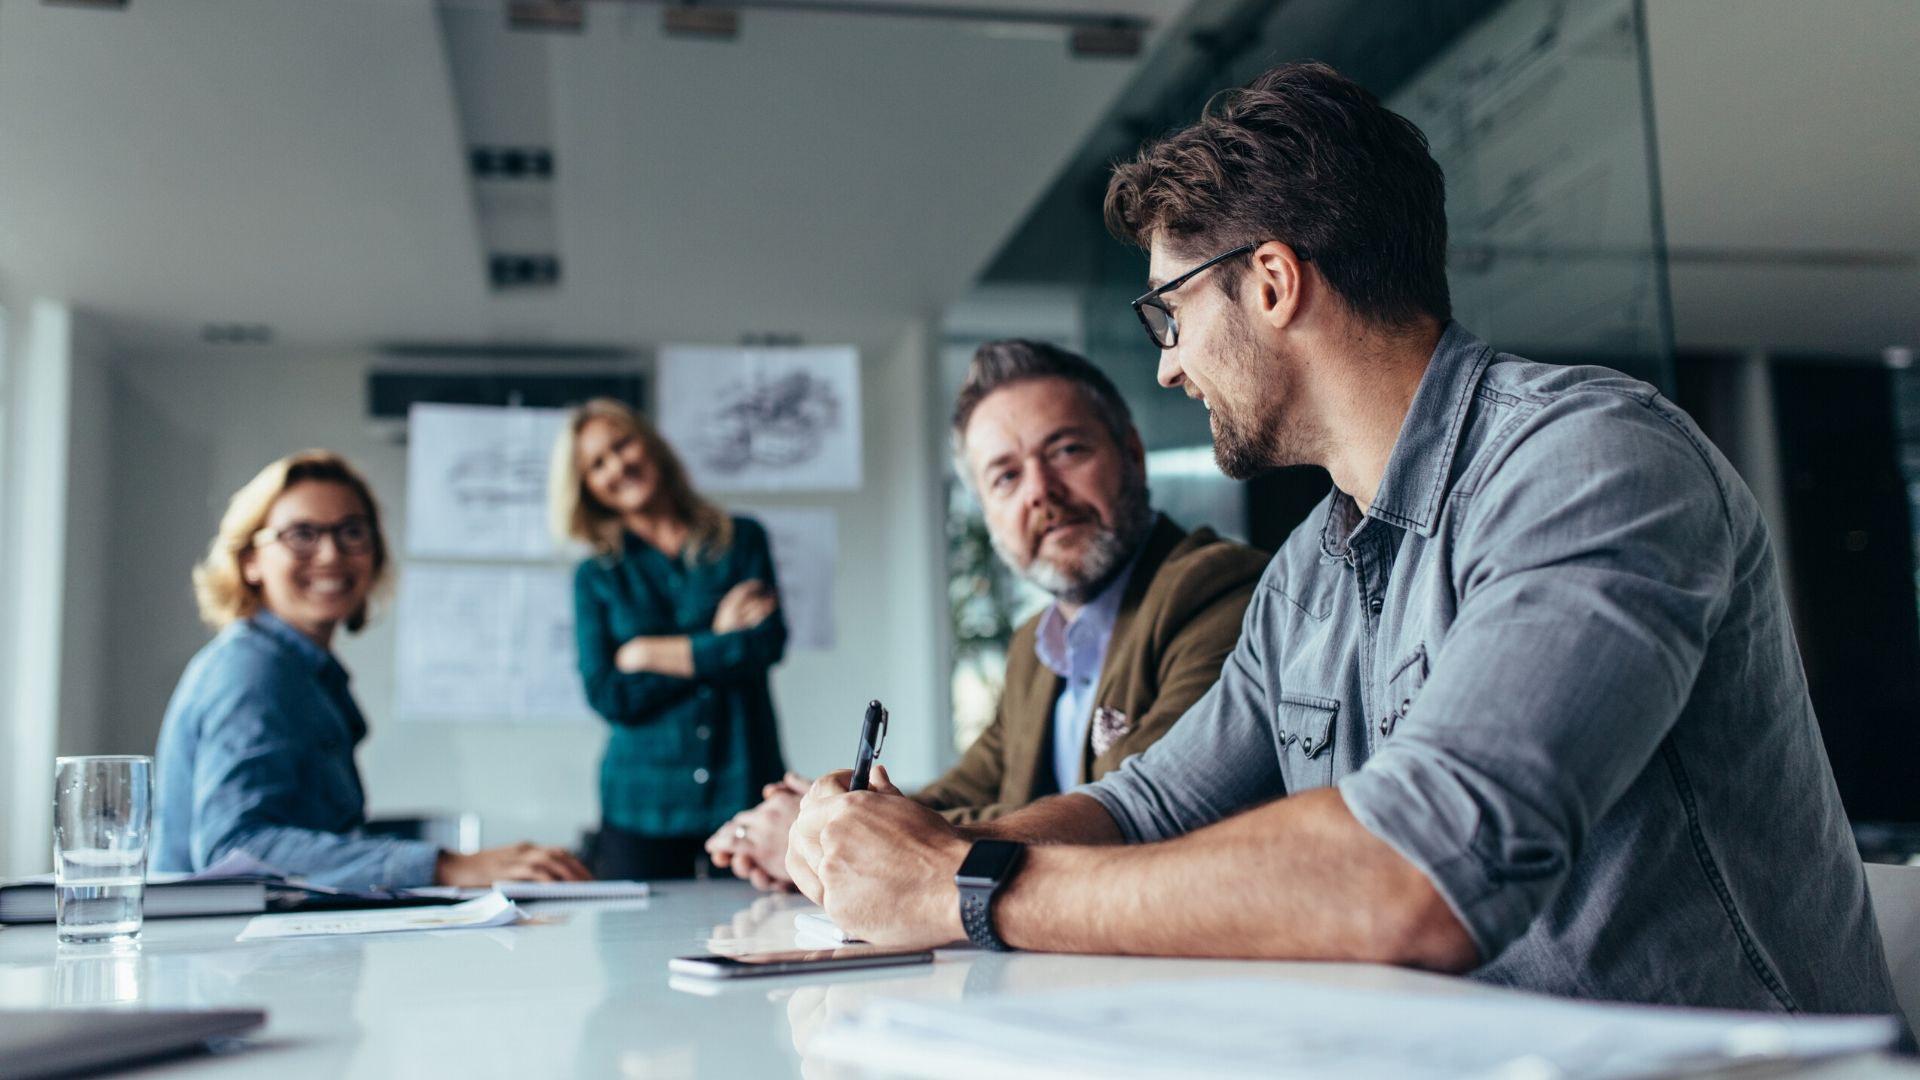 Warum es jetzt um die Arbeitsproduktivität Ihrer Mitarbeiter geht tomarket berlin  Warum es jetzt um die Arbeitsproduktivit  t geht